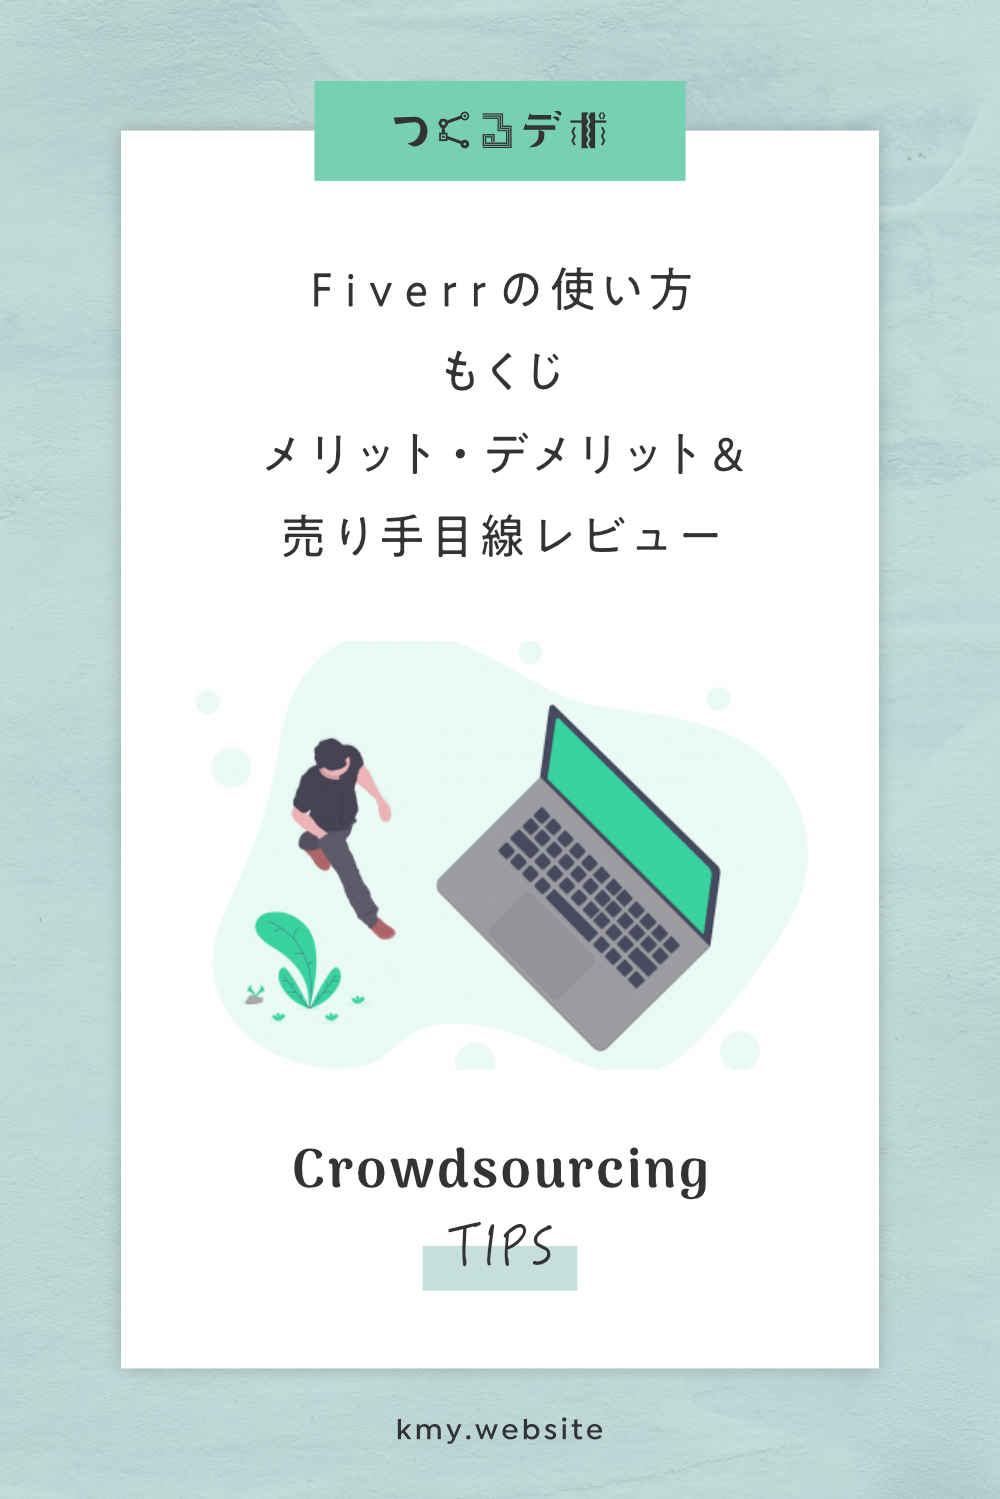 Fiverrの使い方もくじ【メリット・デメリットや売り手目線レビュー】